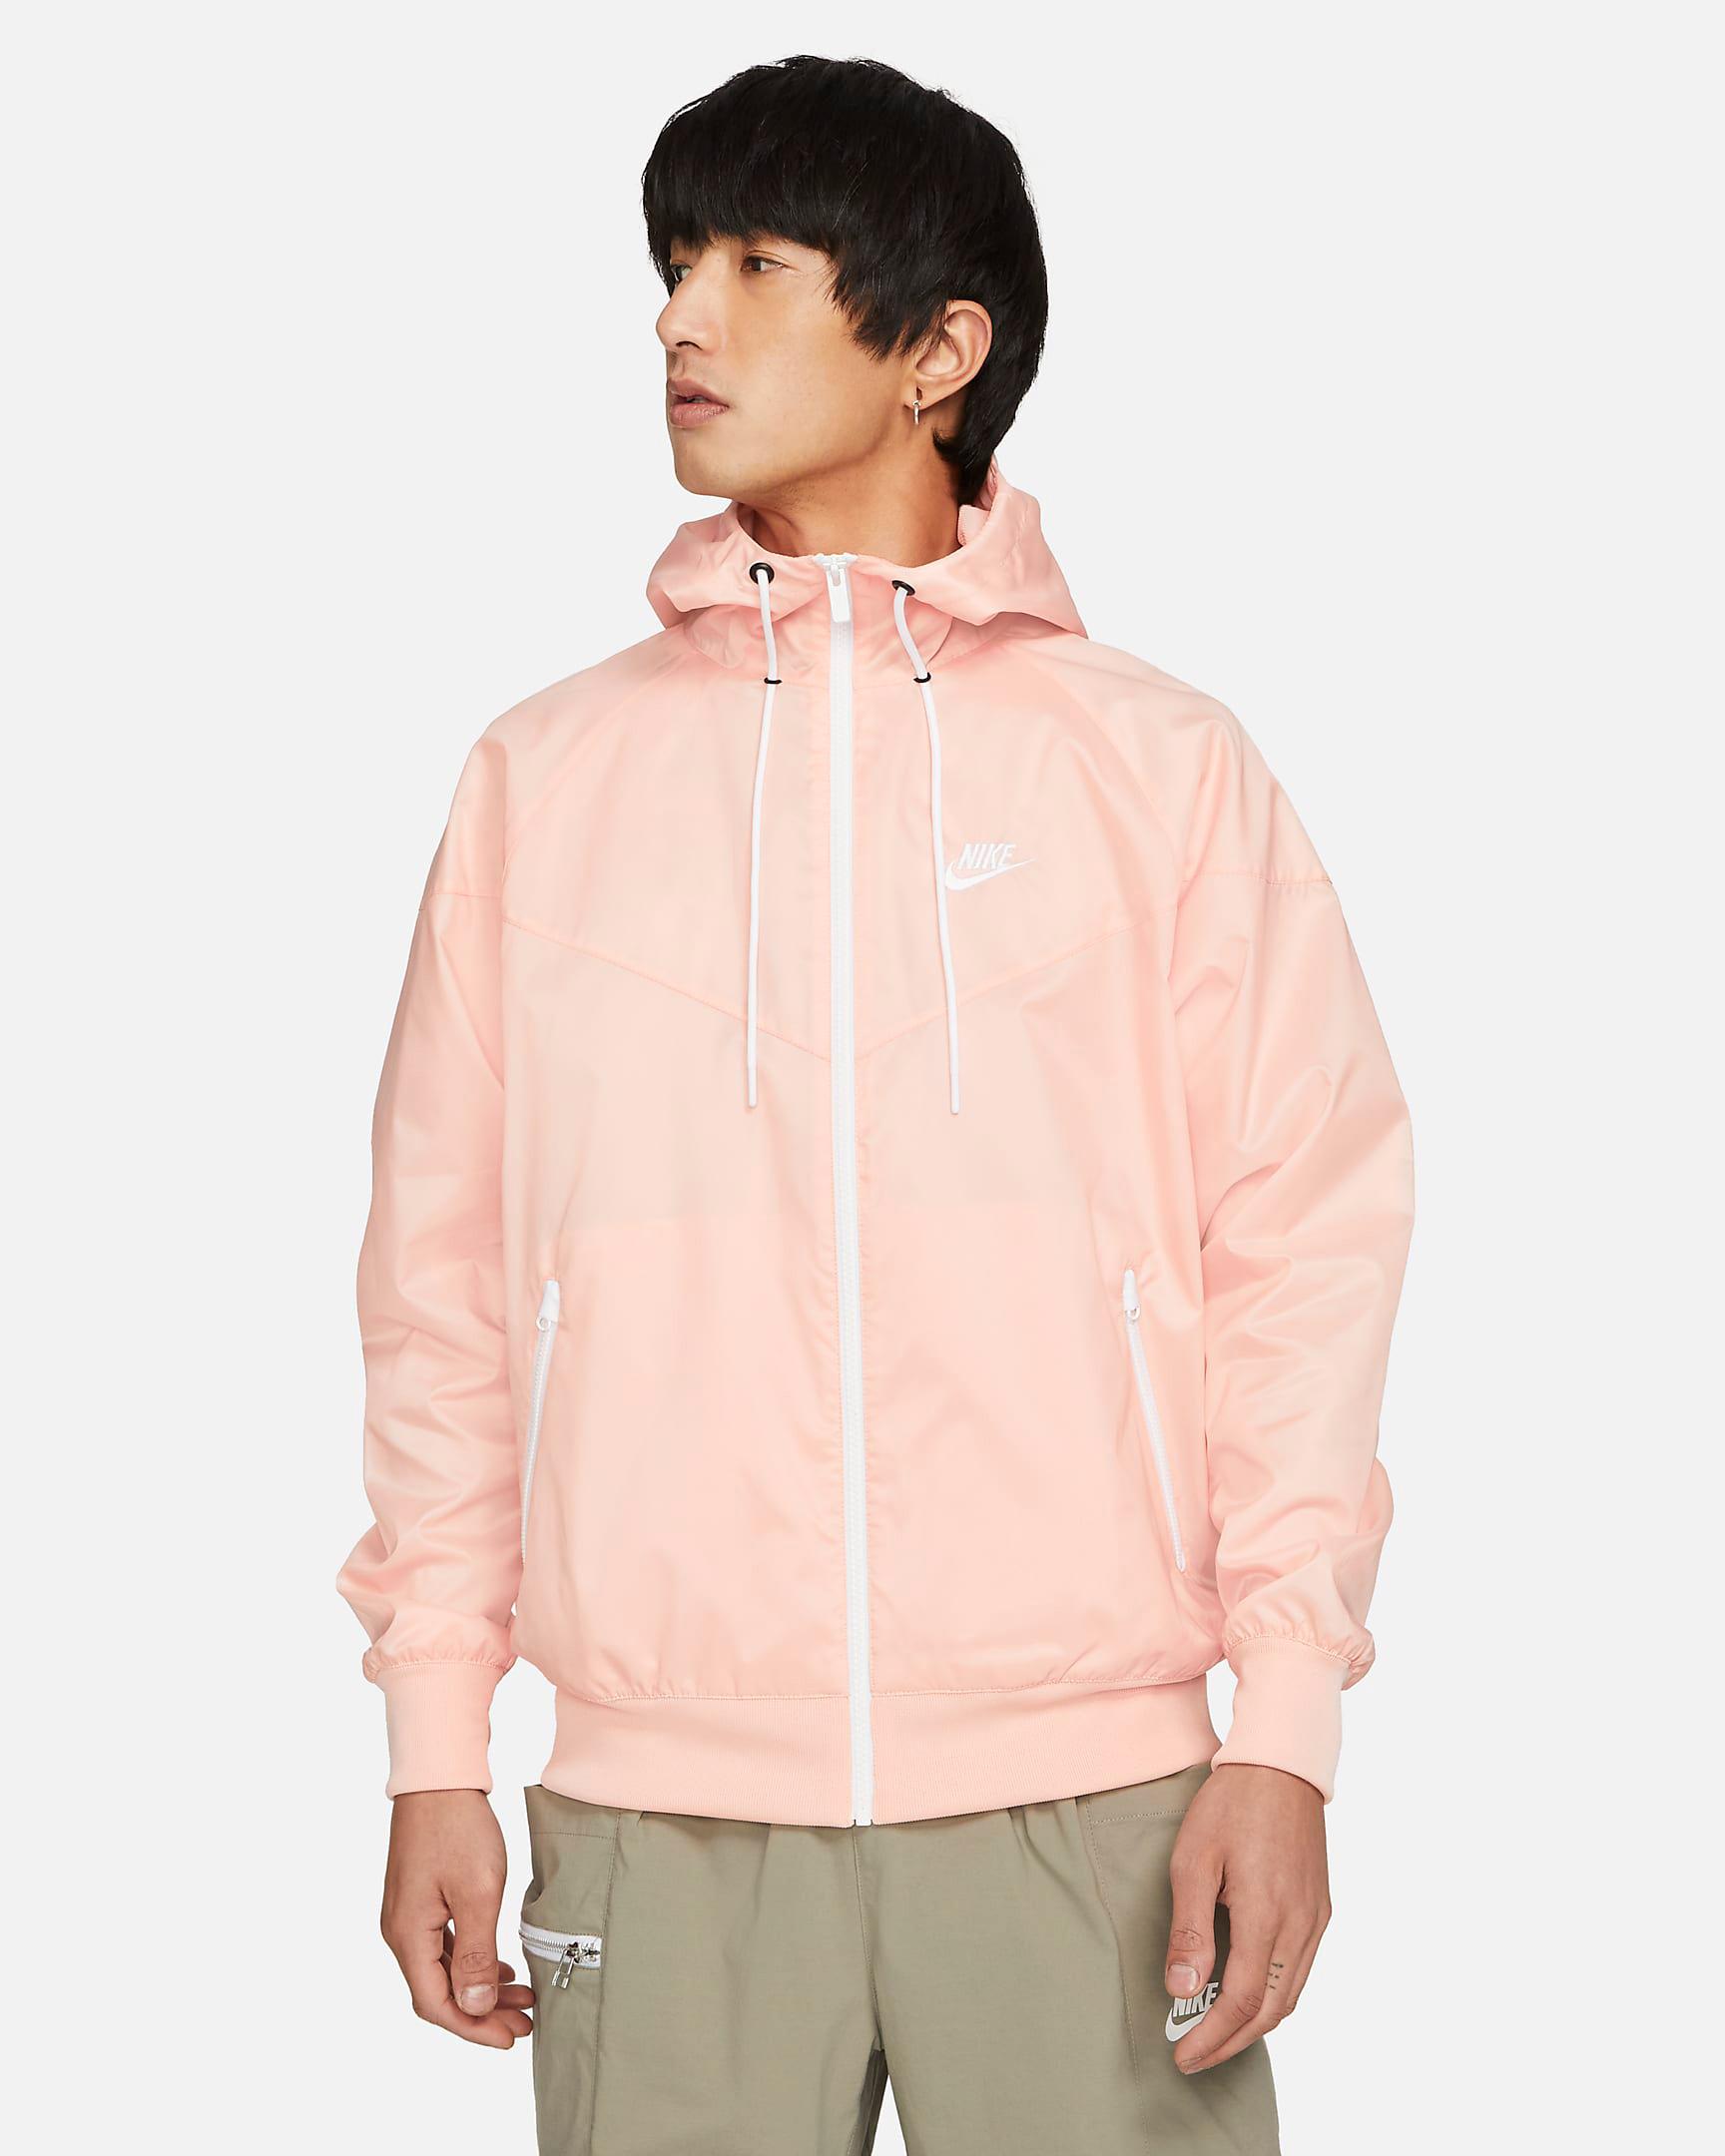 nike-arctic-orange-windrunner-jacket